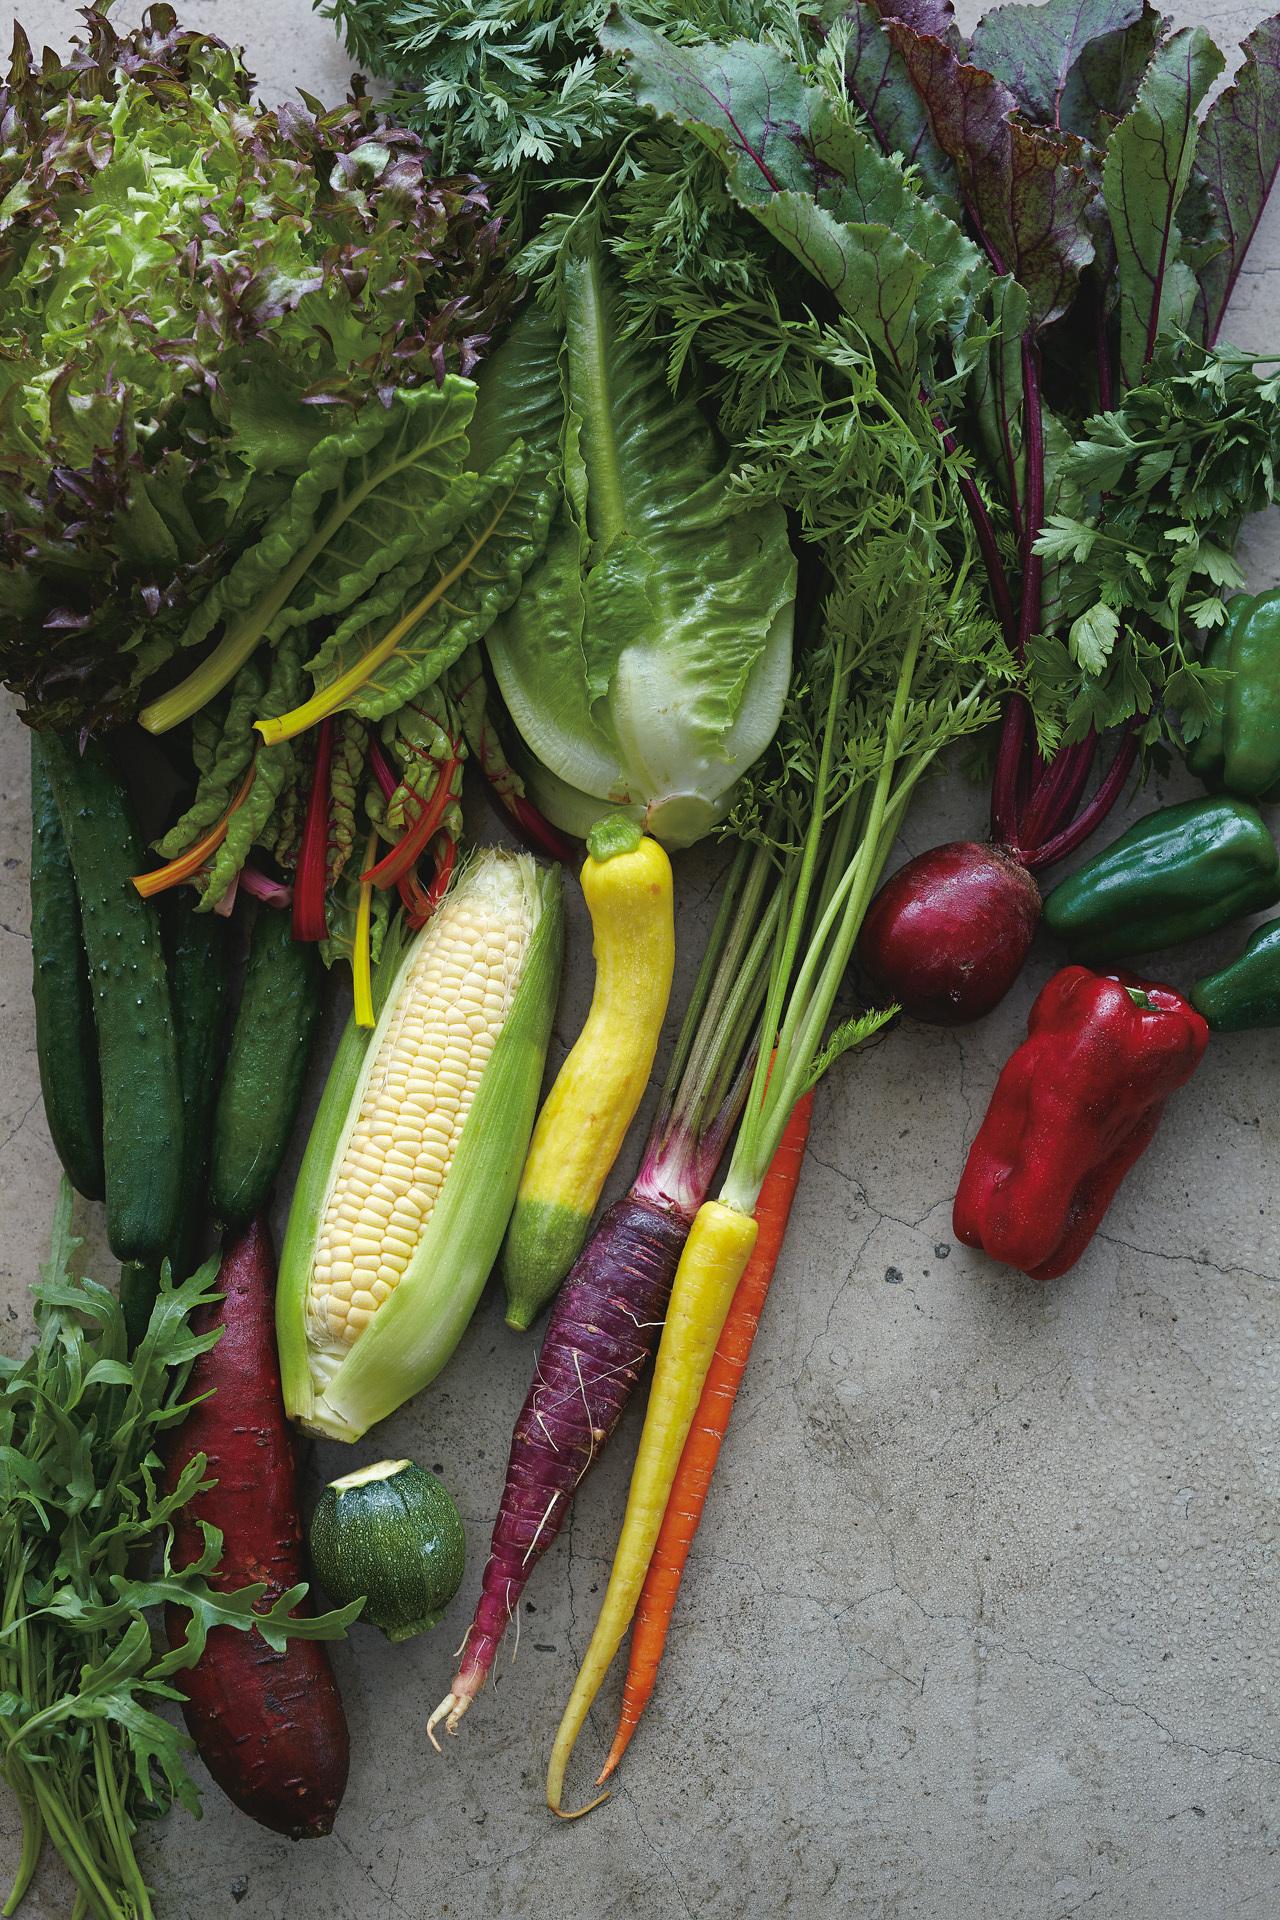 センスあふれる西洋野菜を育てる 「アグリアート農園」_1_1